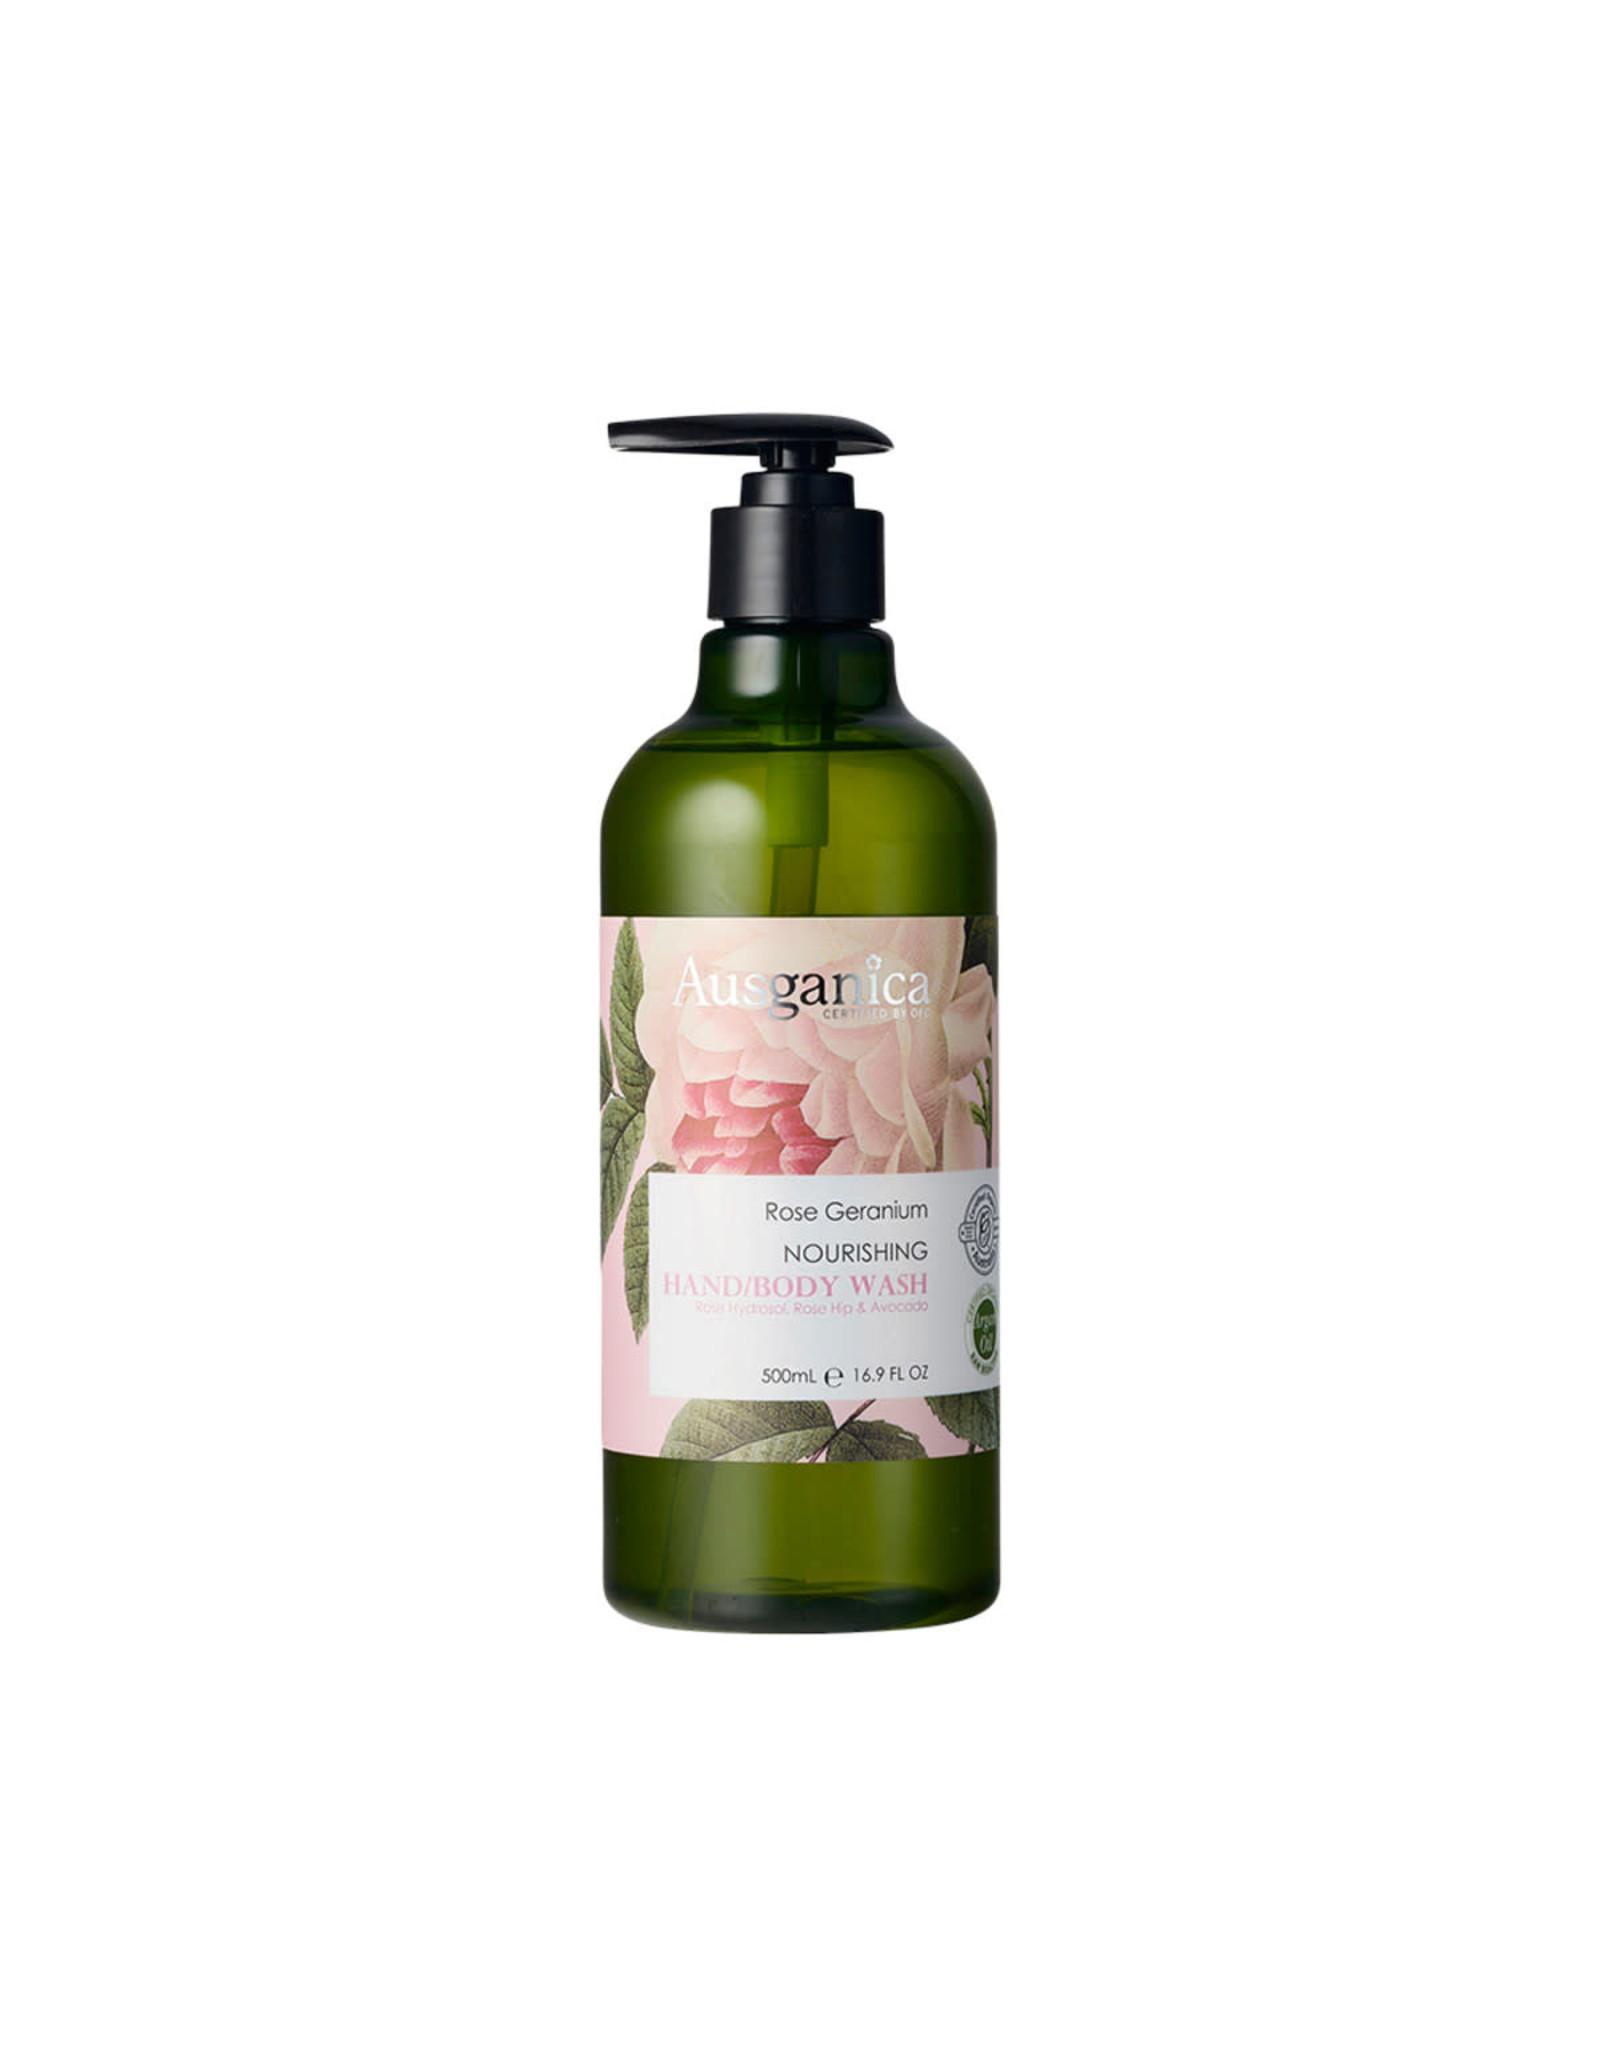 Ausganica Rose Geranium Hand/Body Wash 500ml